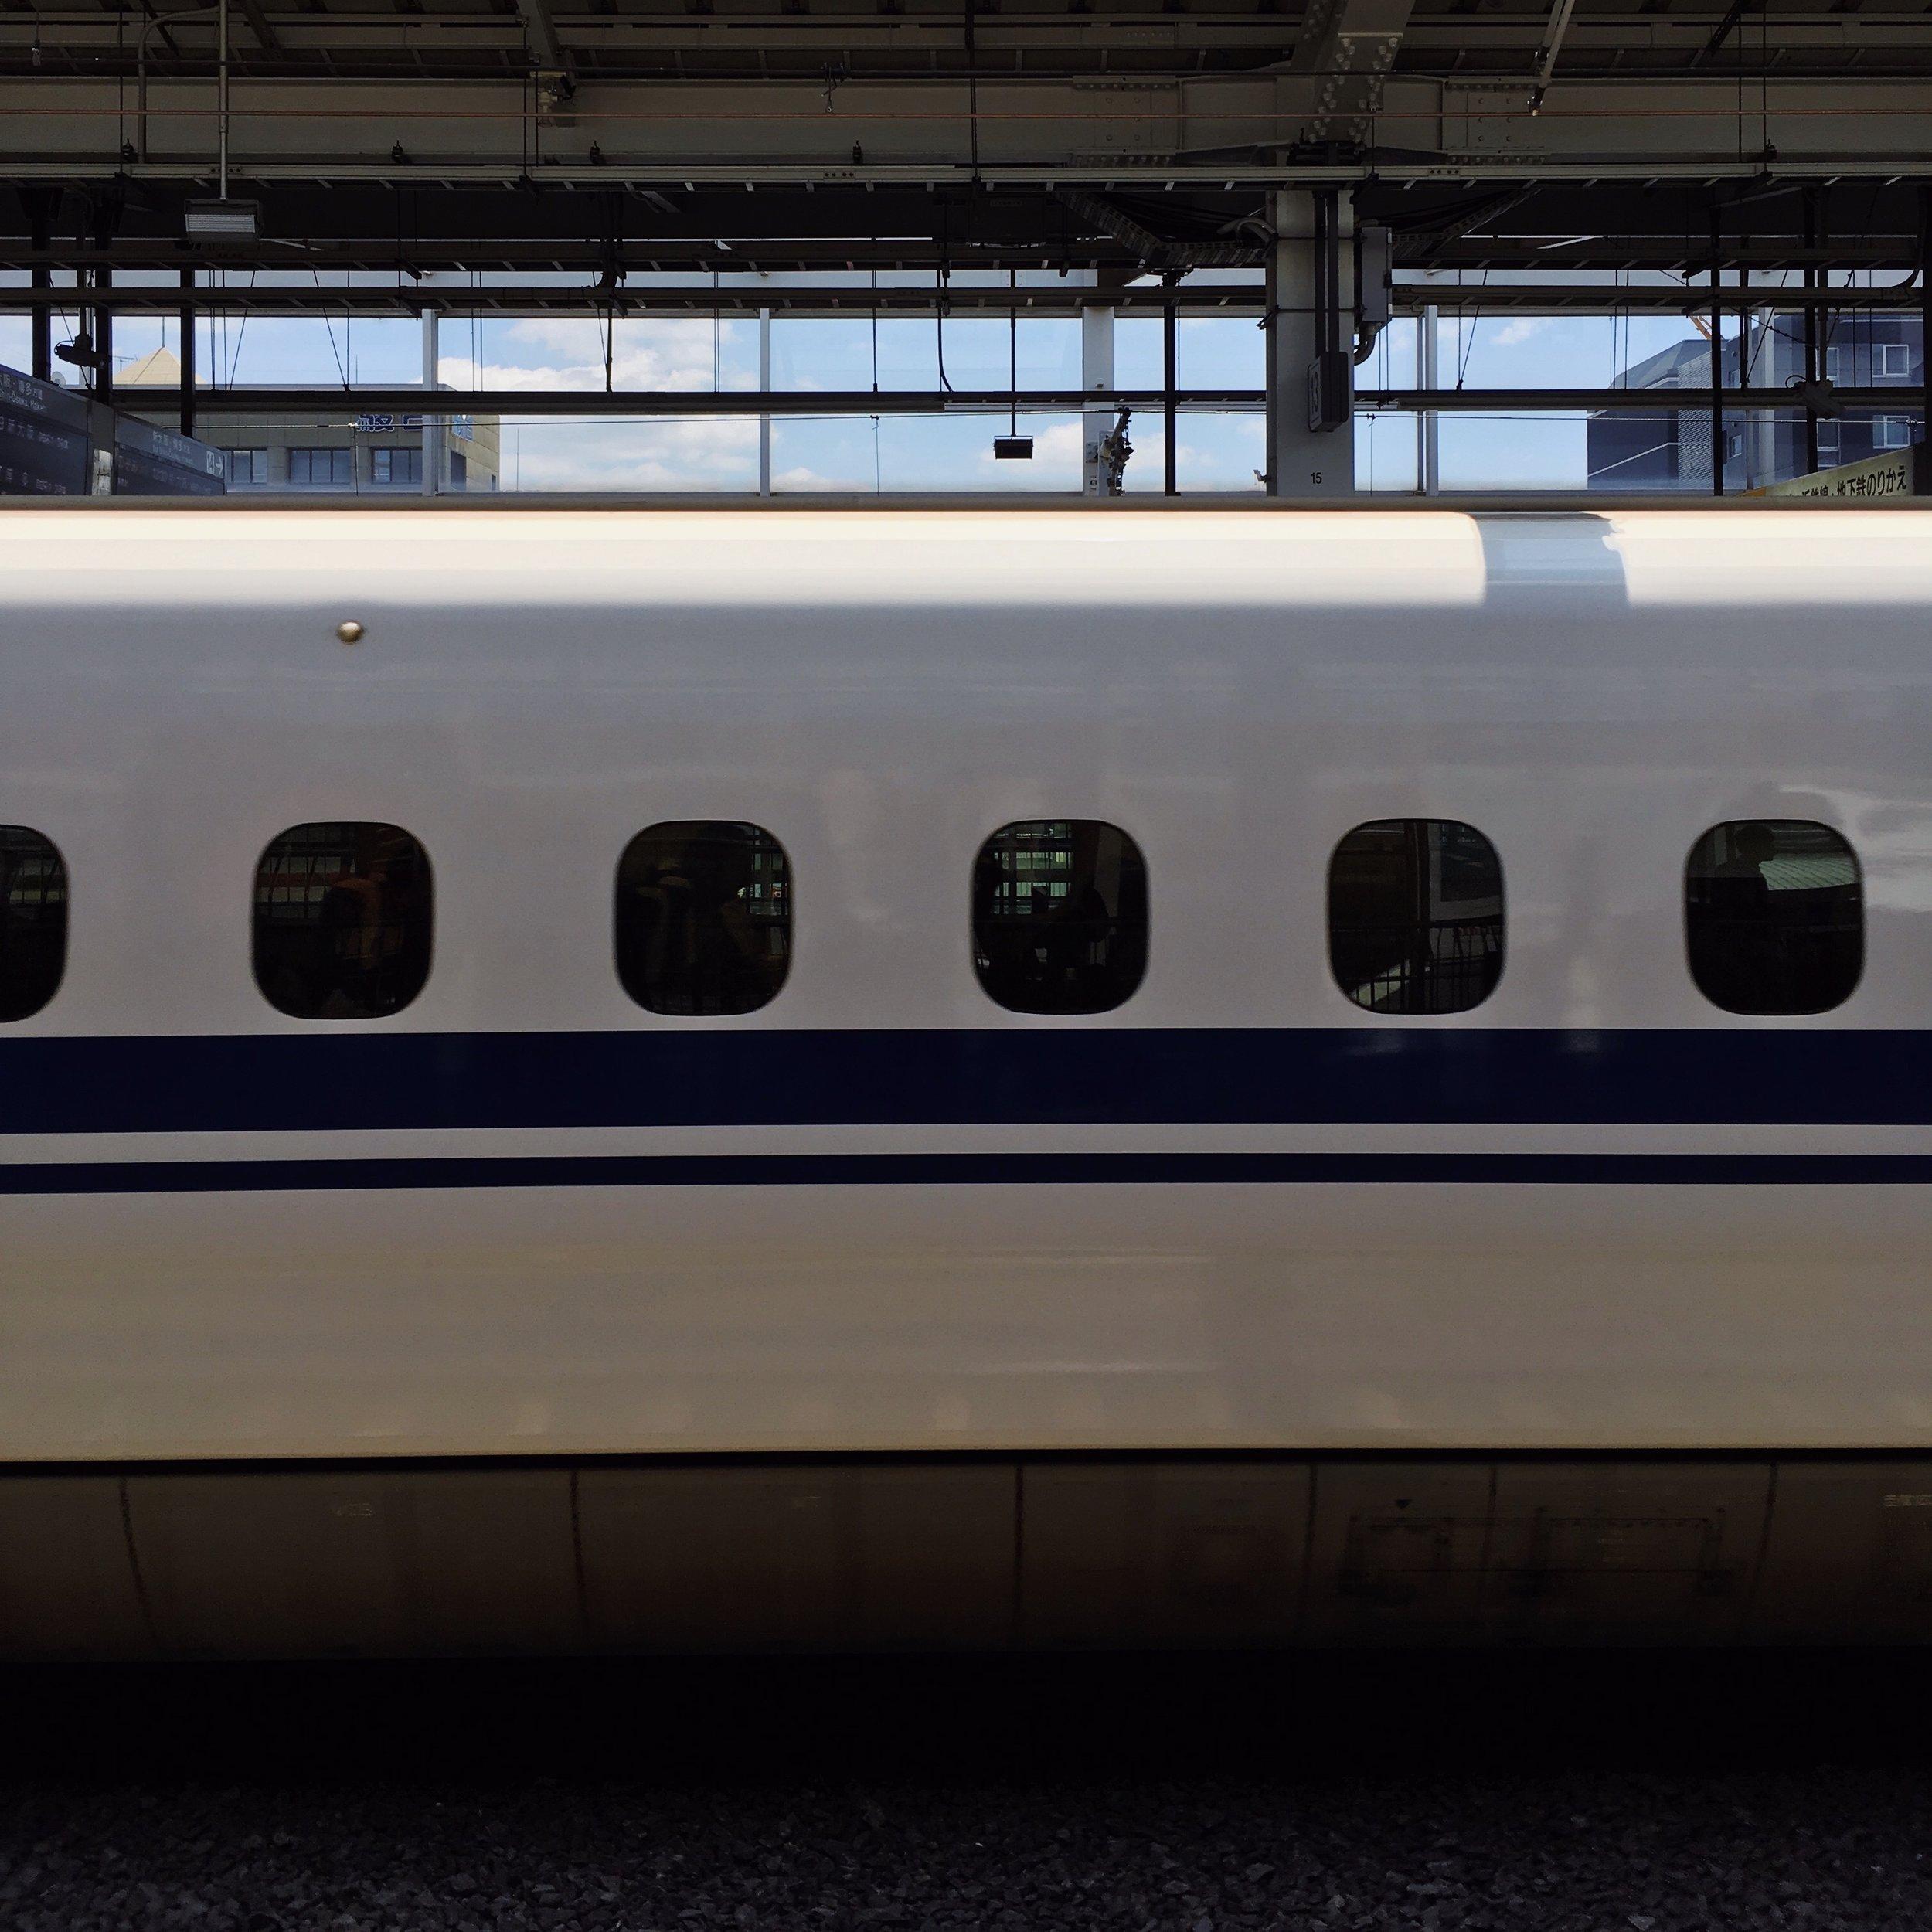 4159396C-6221-4B7B-B578-C8120F95C04A.jpg